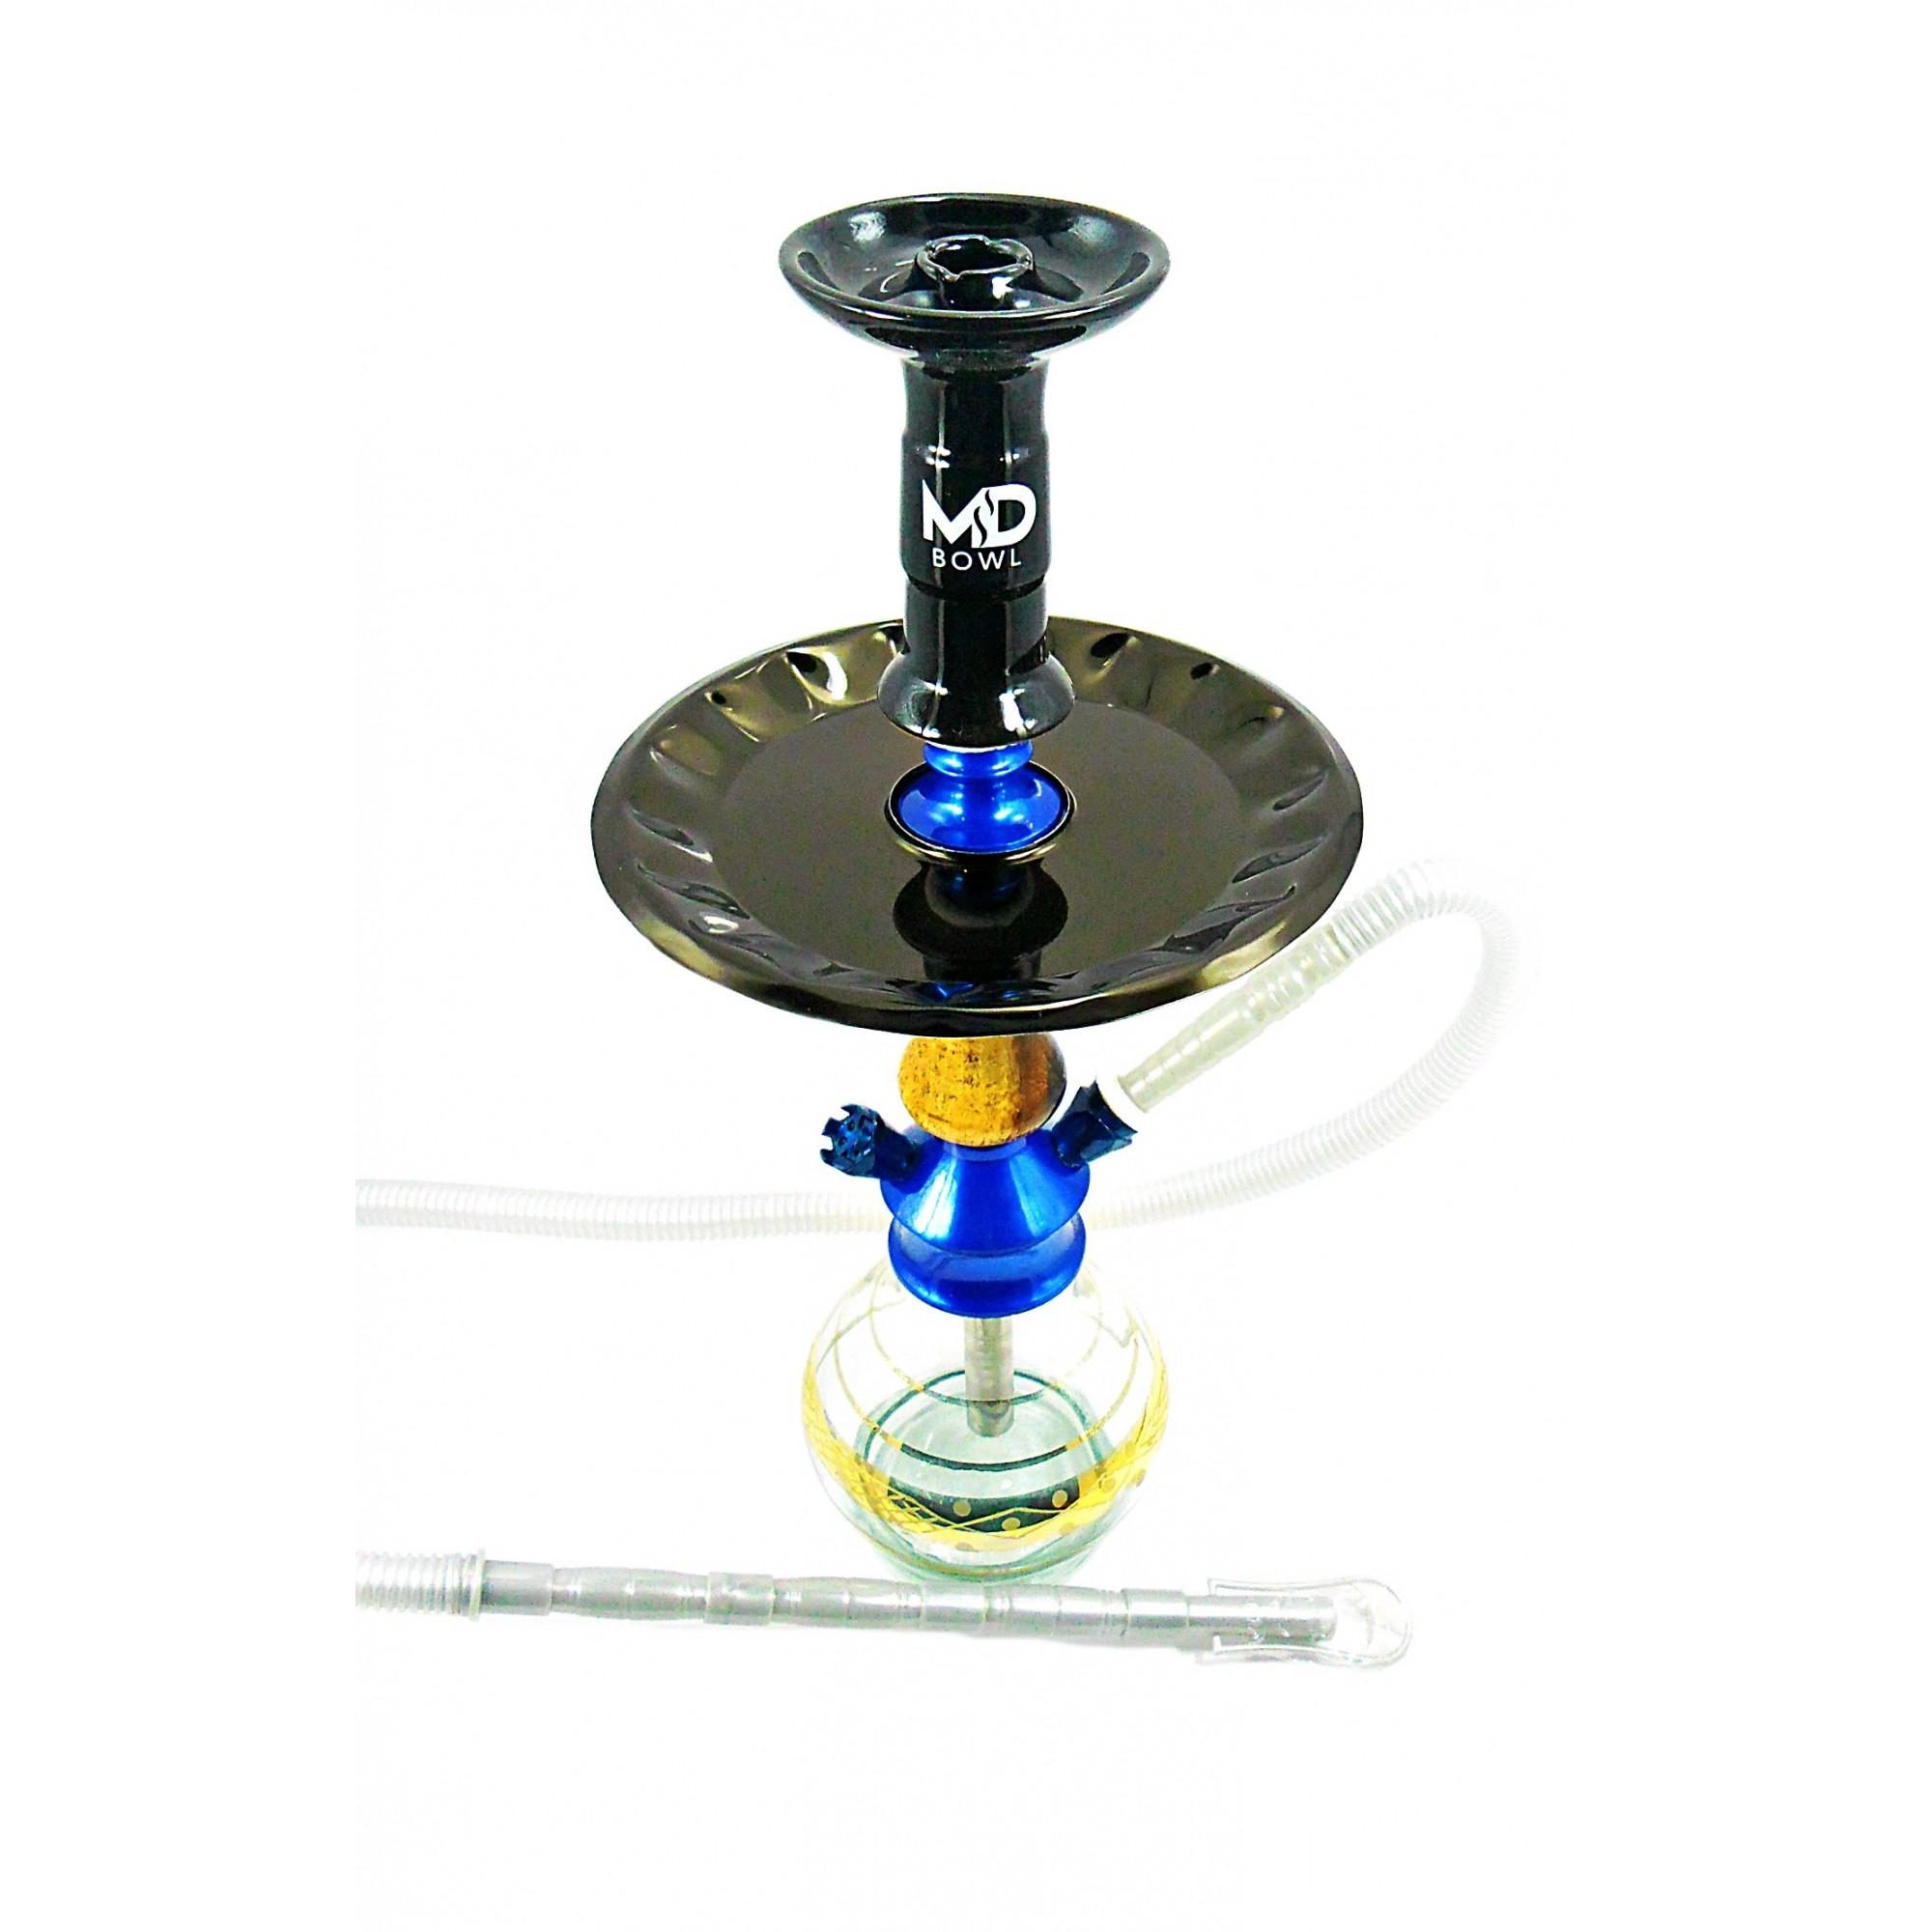 Narguile Yahya A39 azul 44cm, mangueira branca/azul, rosh azul, prato metal preto, vaso gota lapidado listra dourada